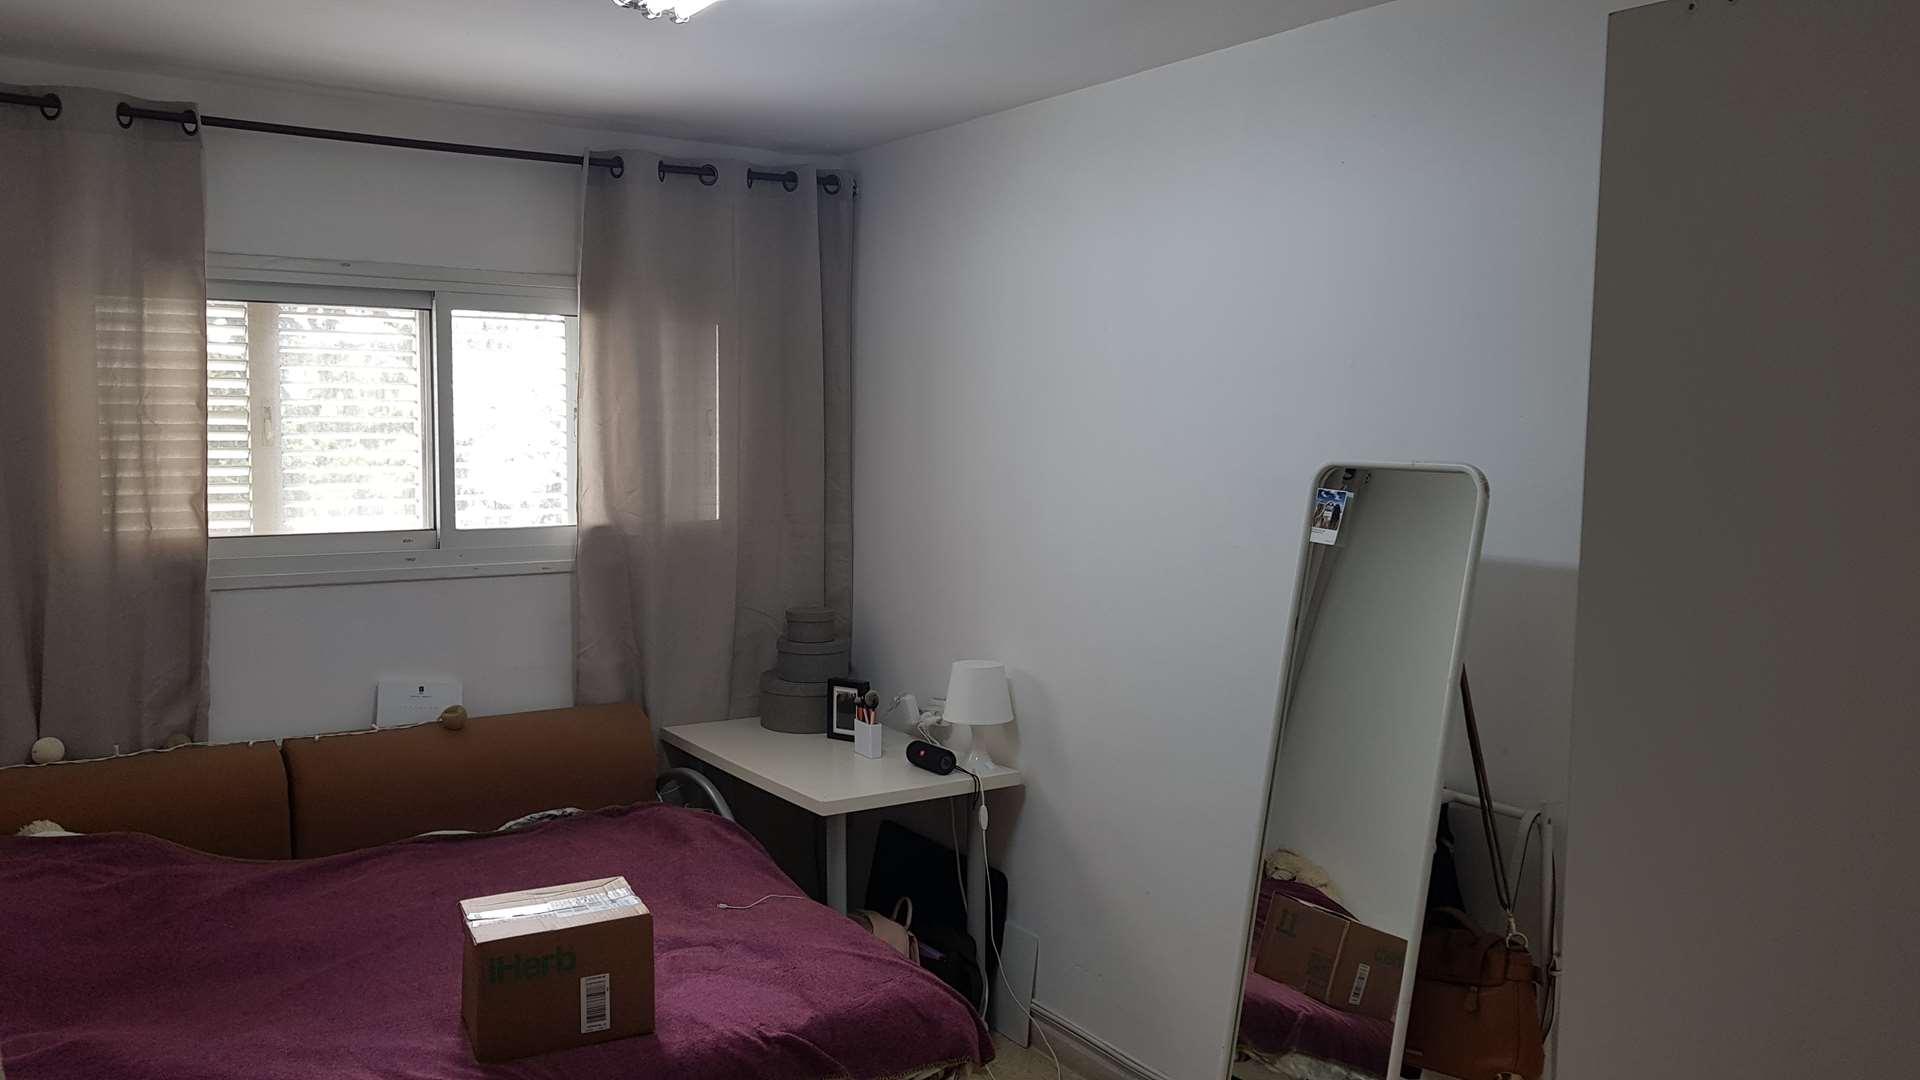 דירה להשכרה מתיווך